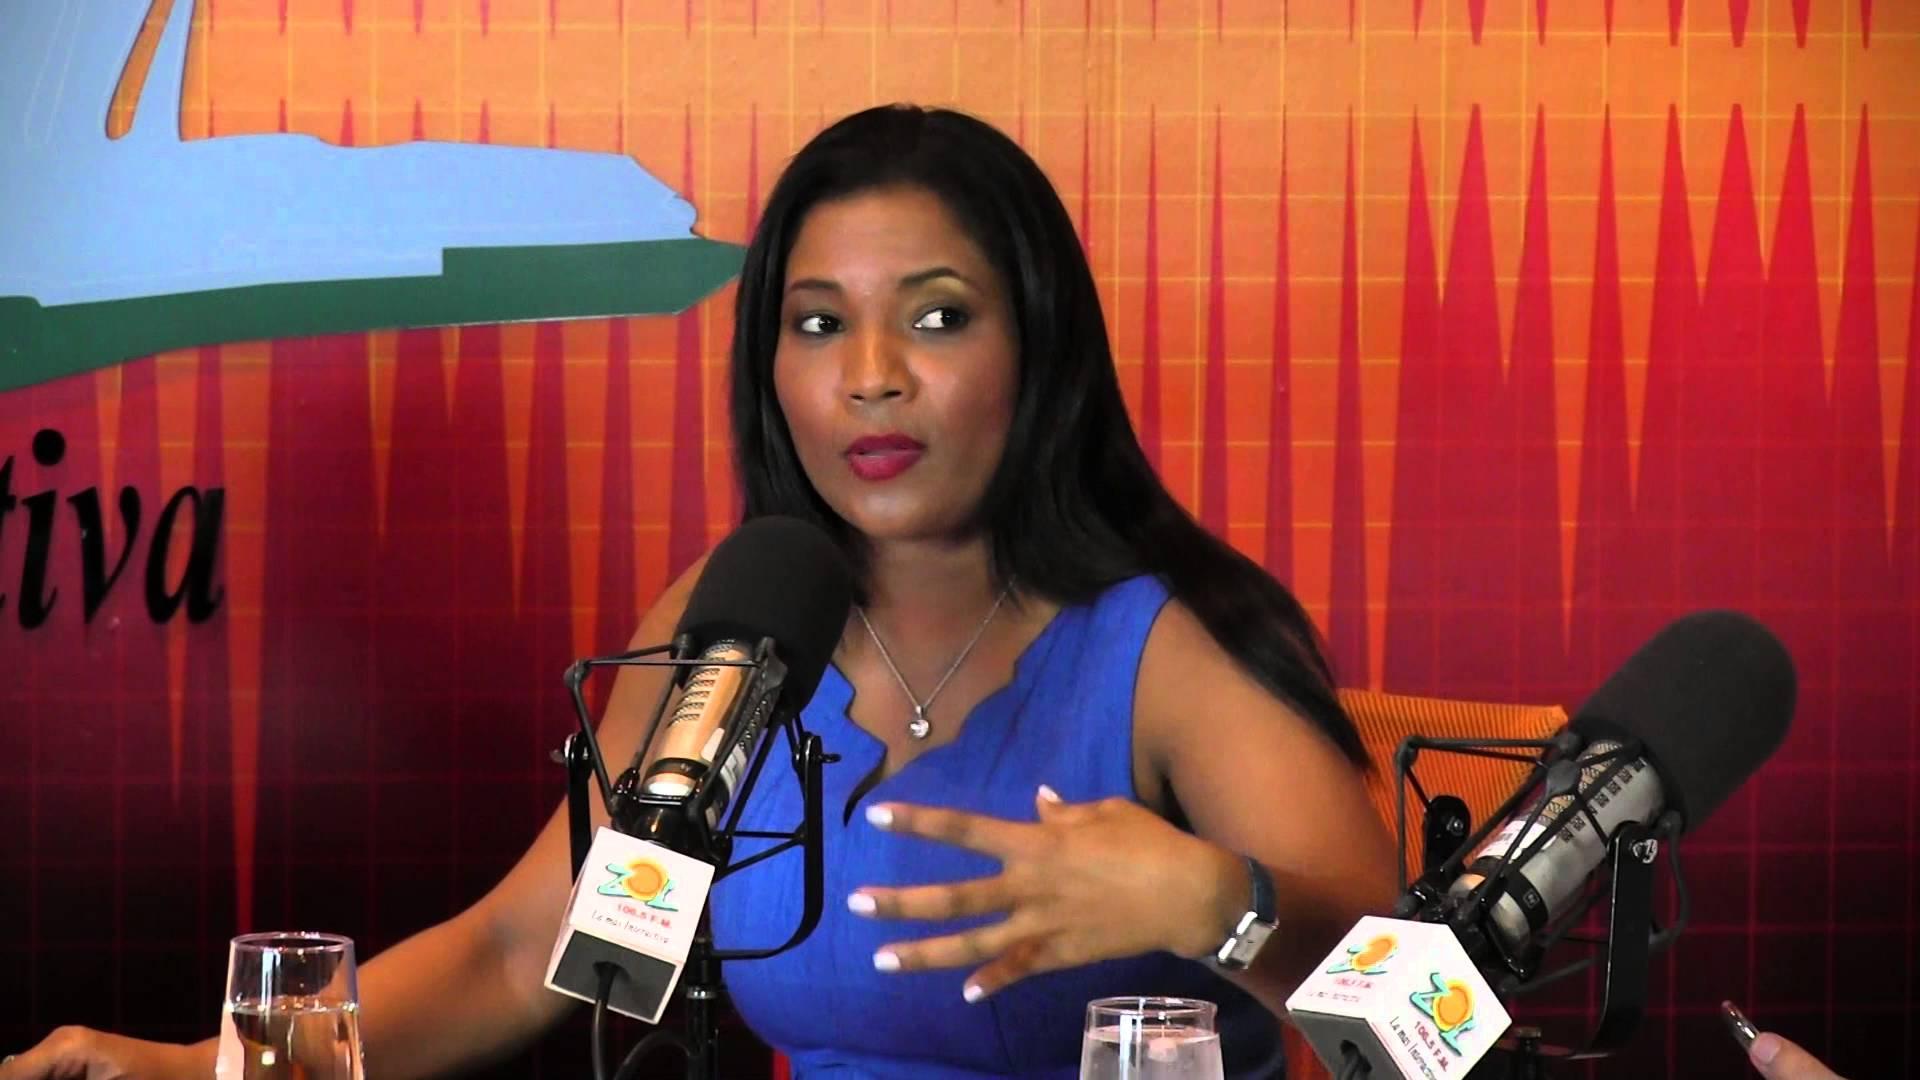 Anibelca Rosario relata cómo fue asaltada en la avenida Anacaona